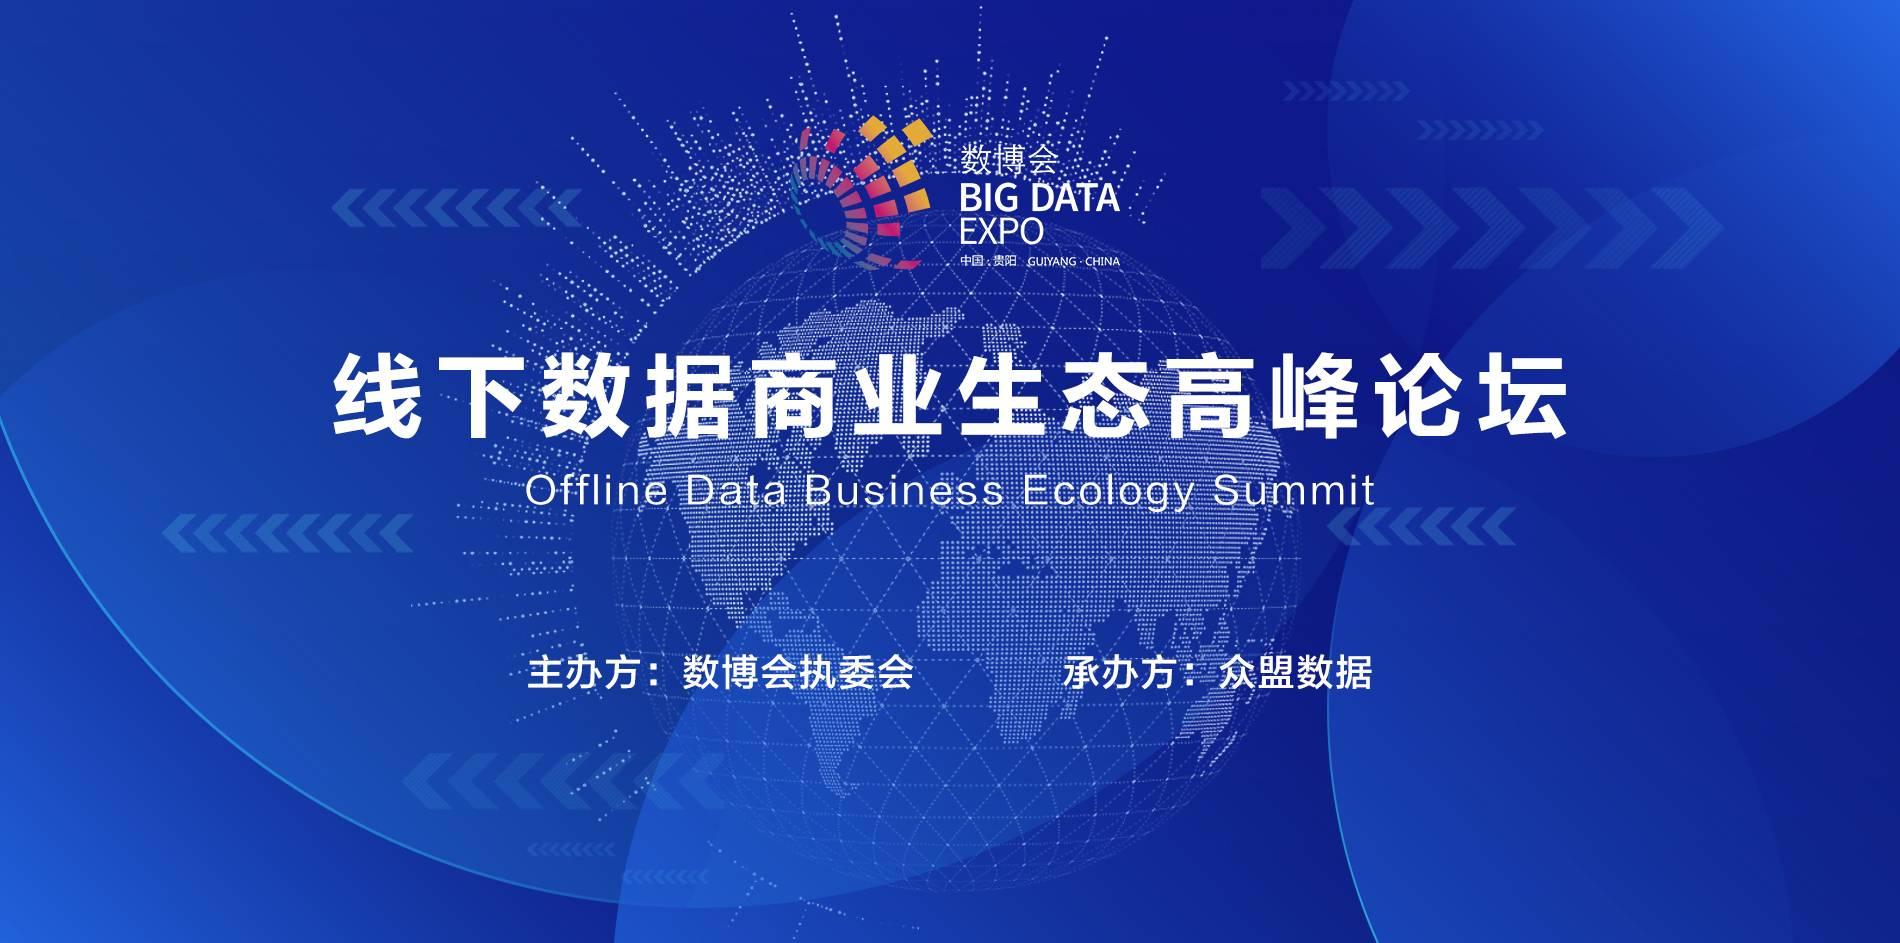 【活动】2019数博会第二届线下数据商业生态高峰论坛-亿欧